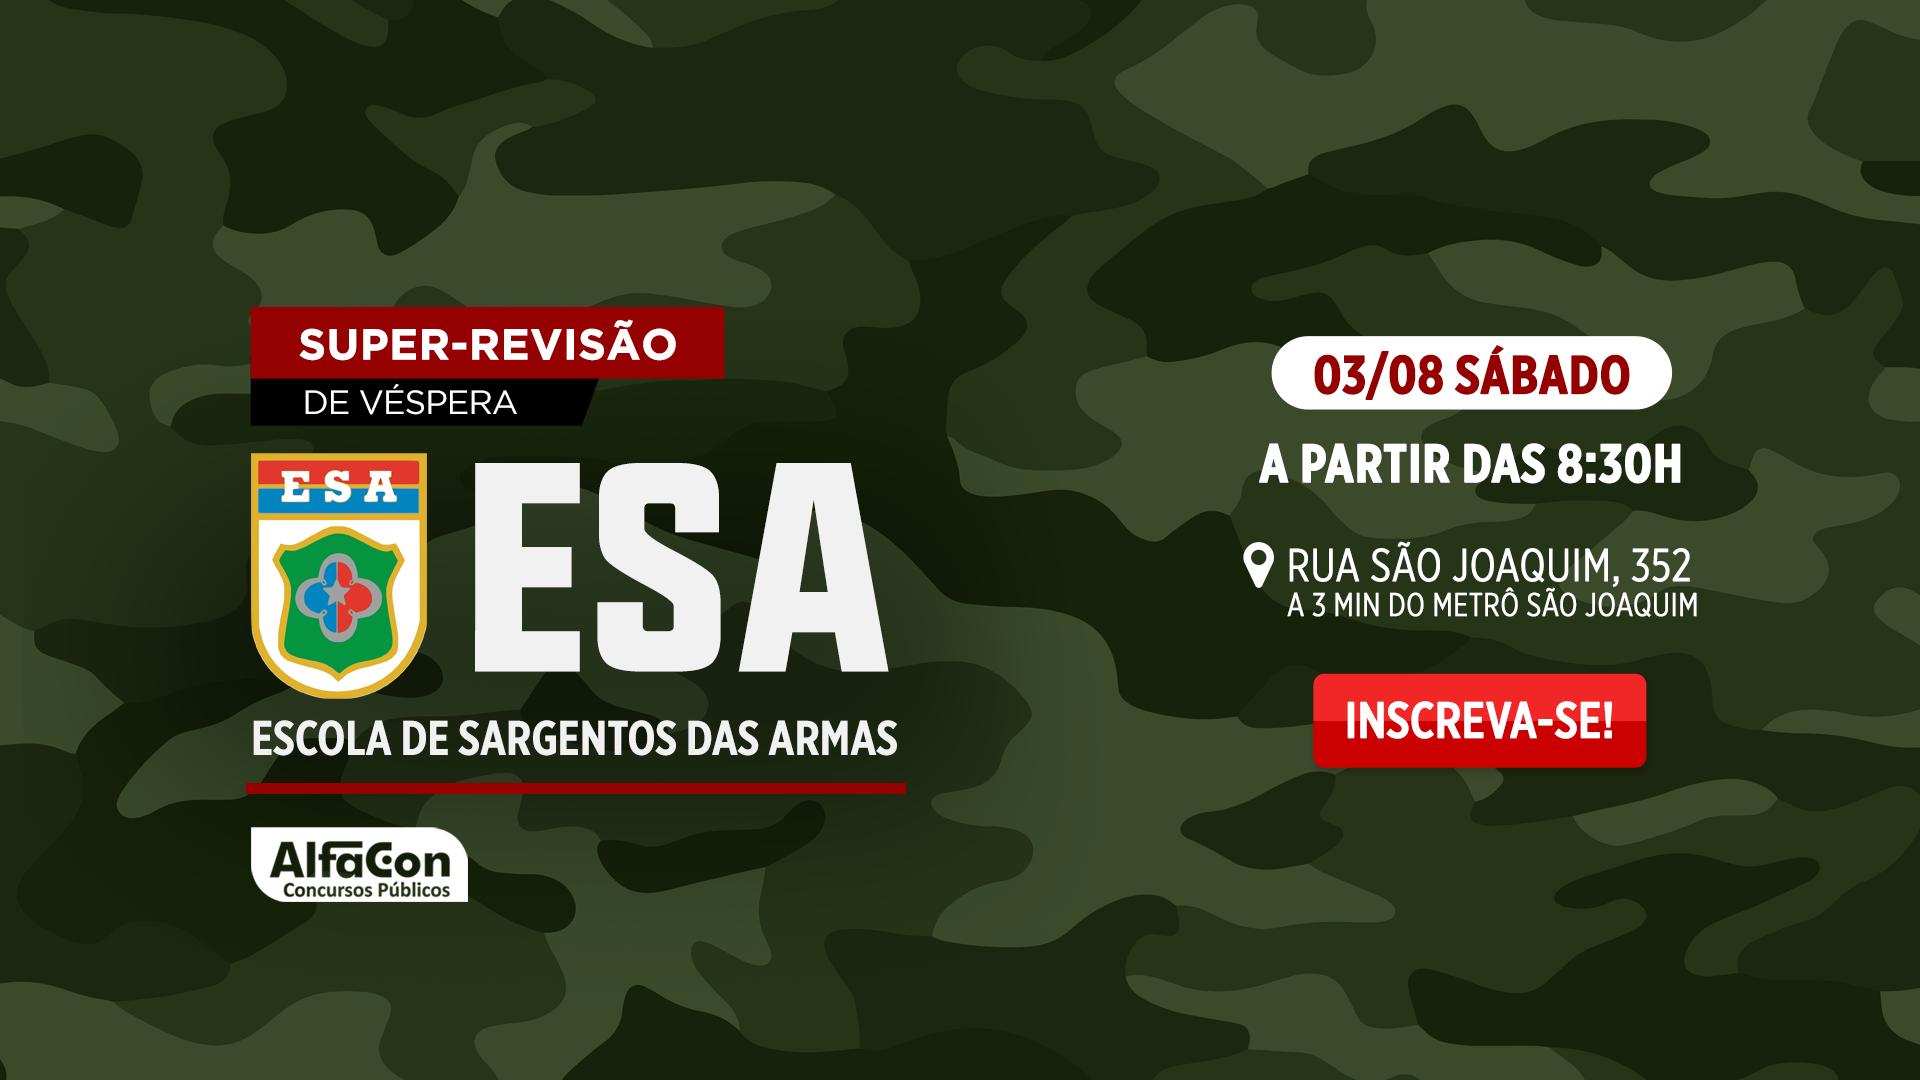 SUPER-REVISÃO DE VÉSPERA (SRV) | Escola de Sargento das Armas: Exército Brasileiro - ESA